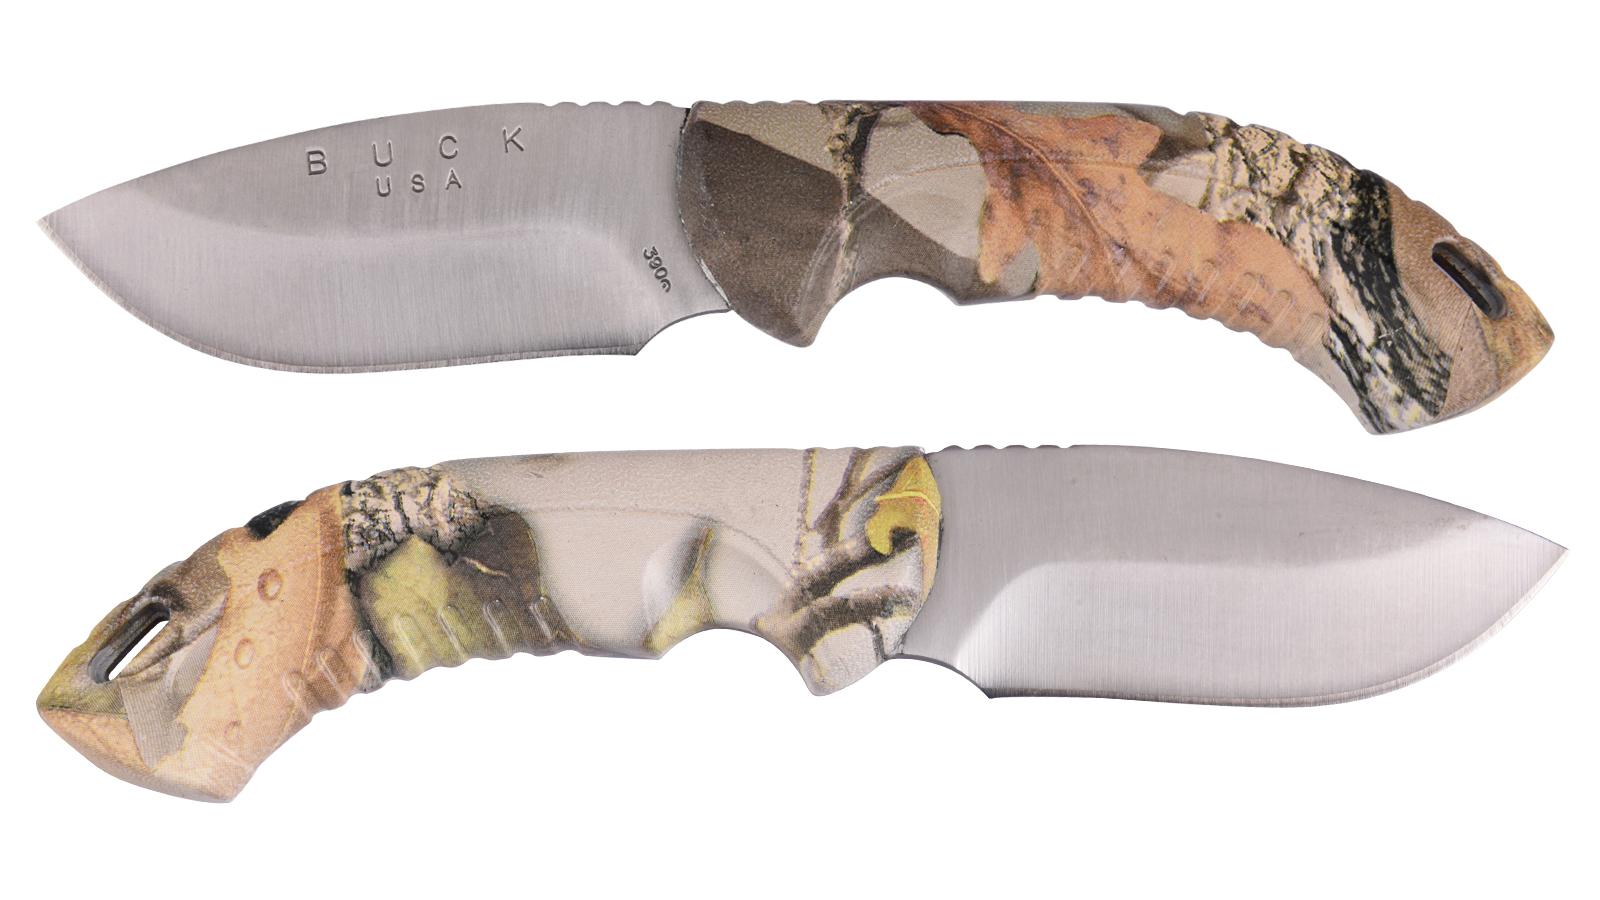 Нож Buck Omni Hunter 390 - купить онлайн